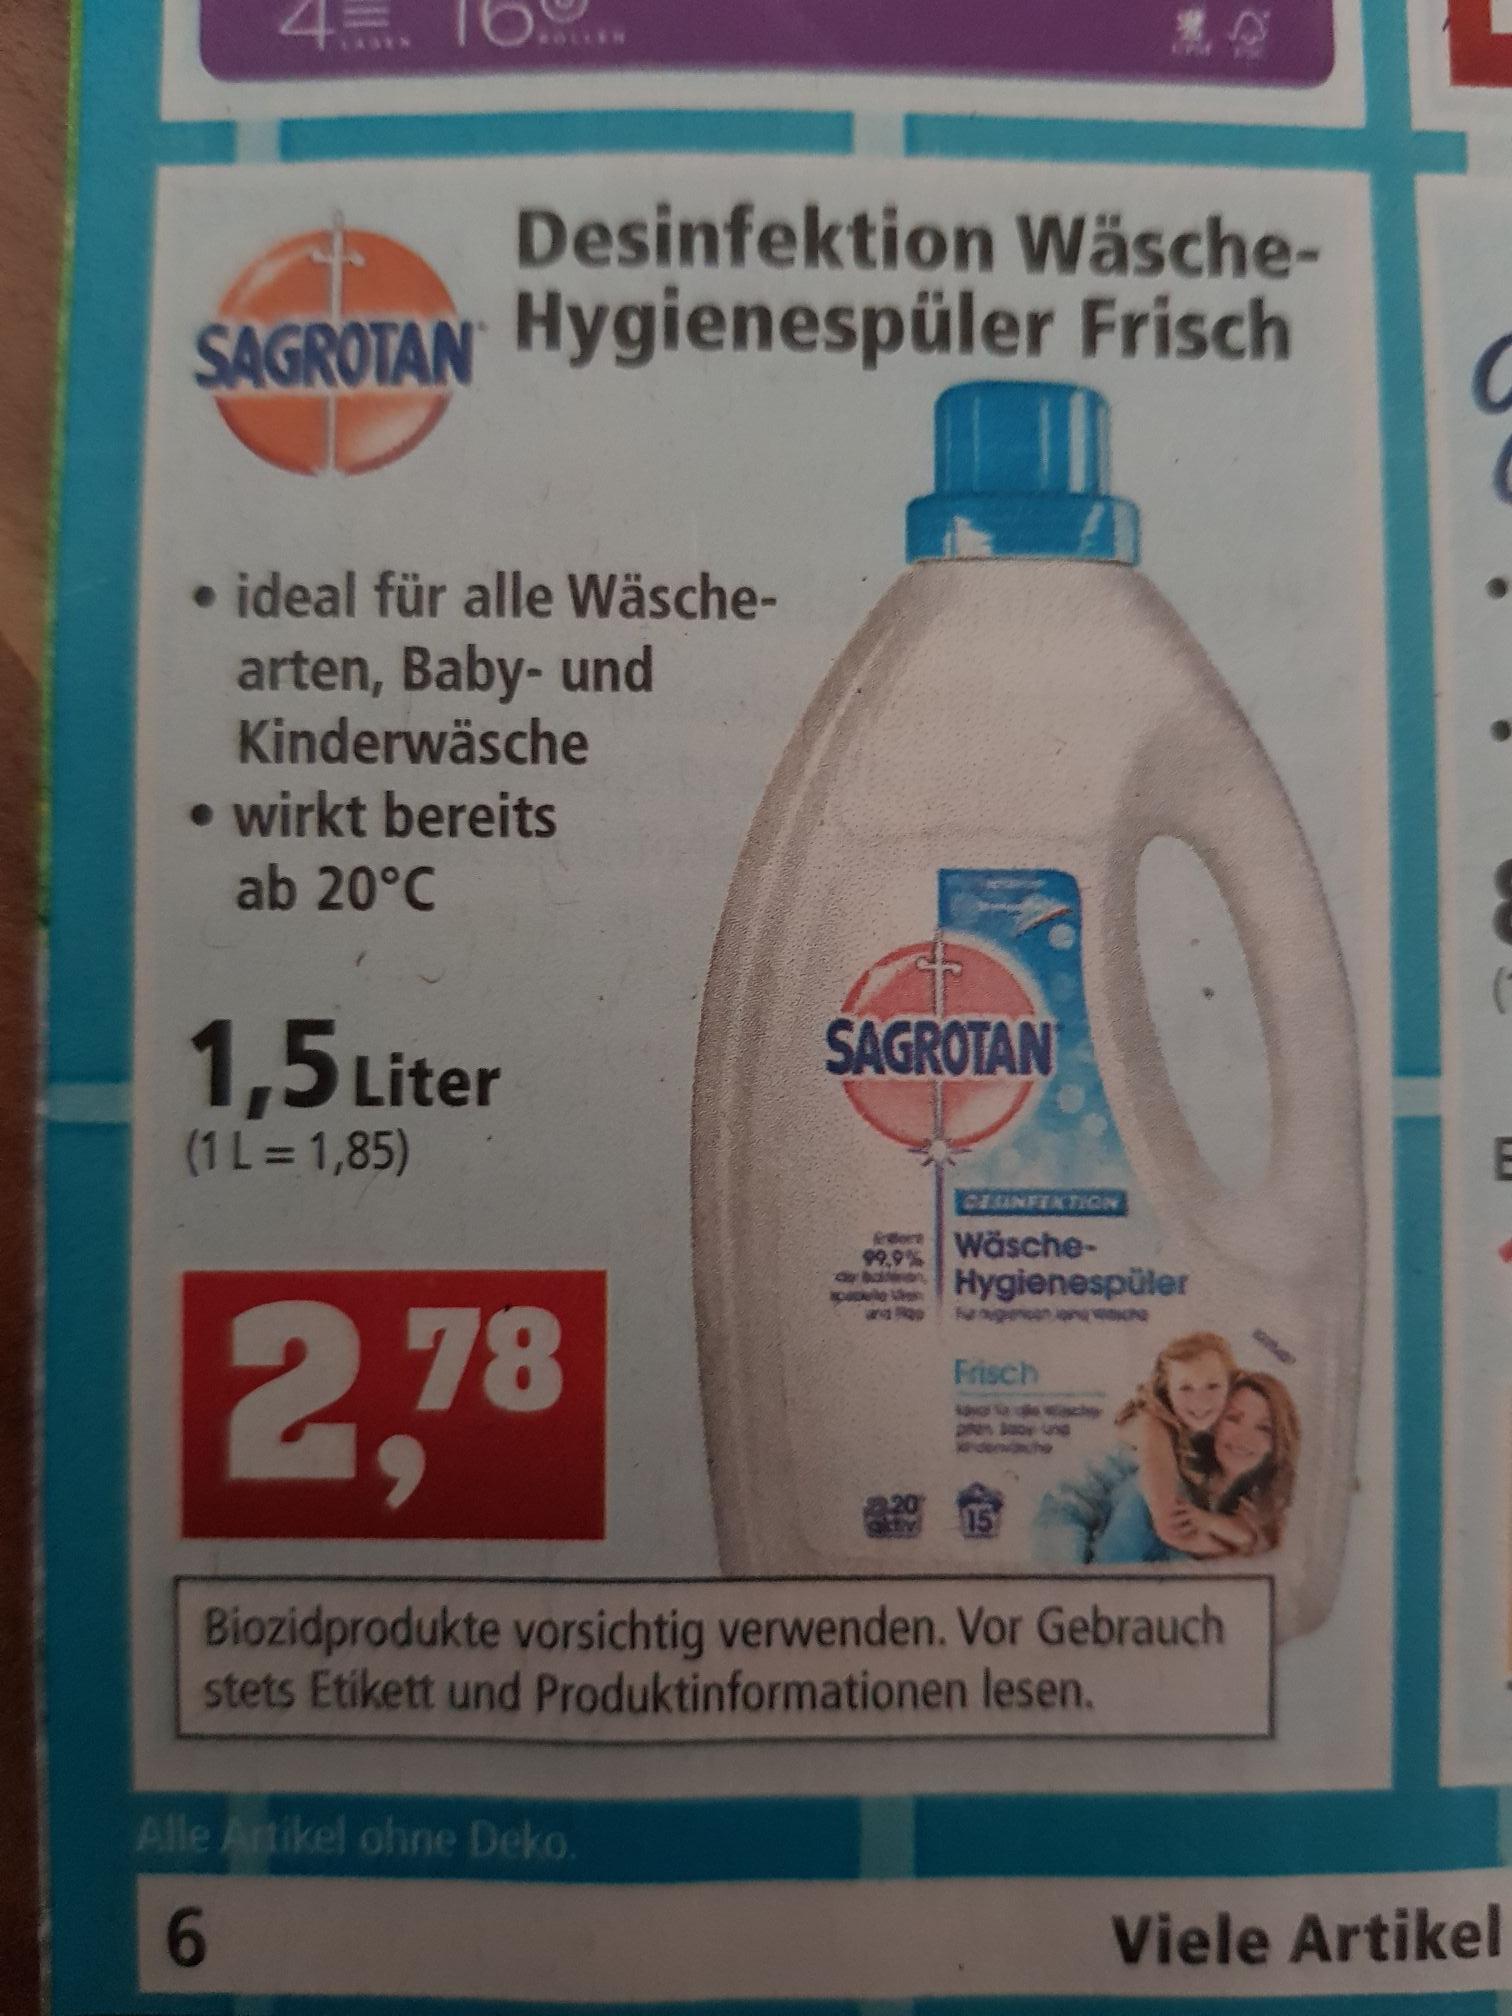 [Thomas Philipps] Sagrotan Wäsche Hygienespüler Frisch für 2,78€